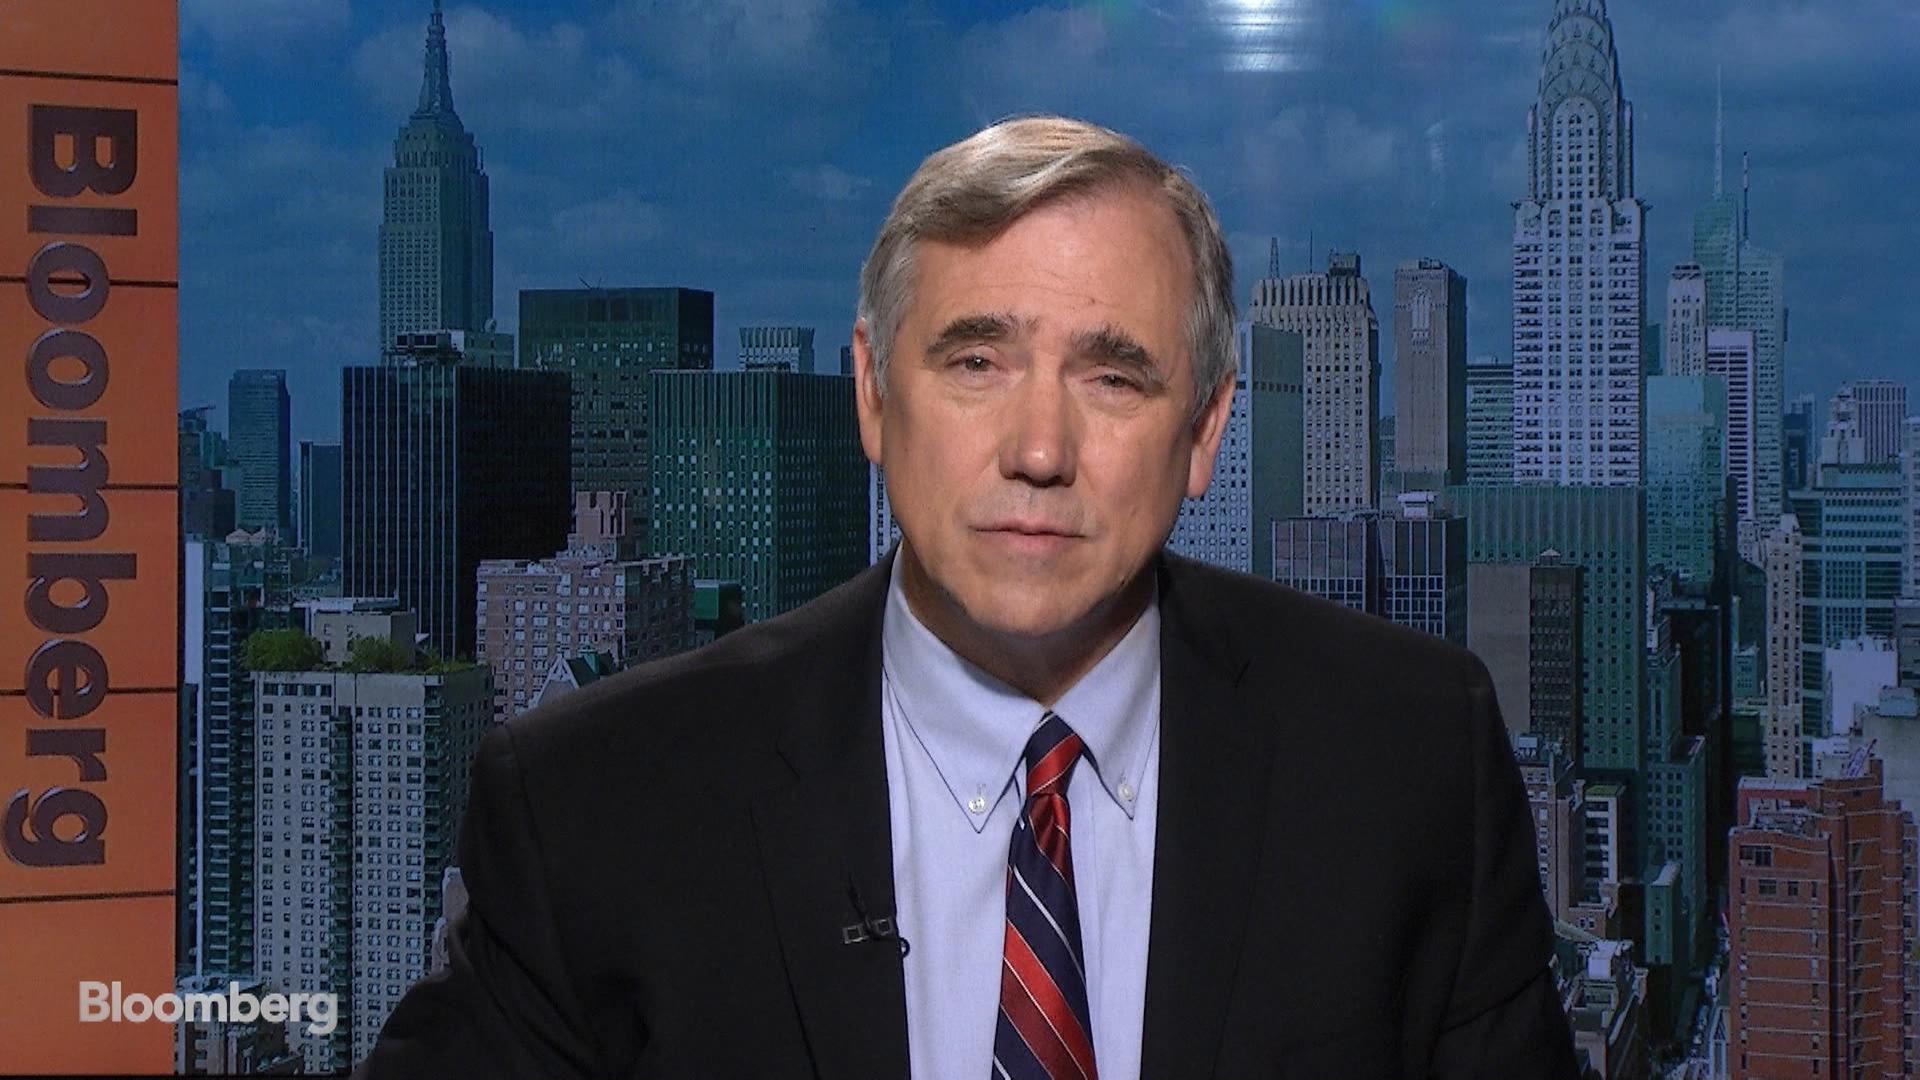 Sen. Jeff Merkley on the Politicization of Immigration